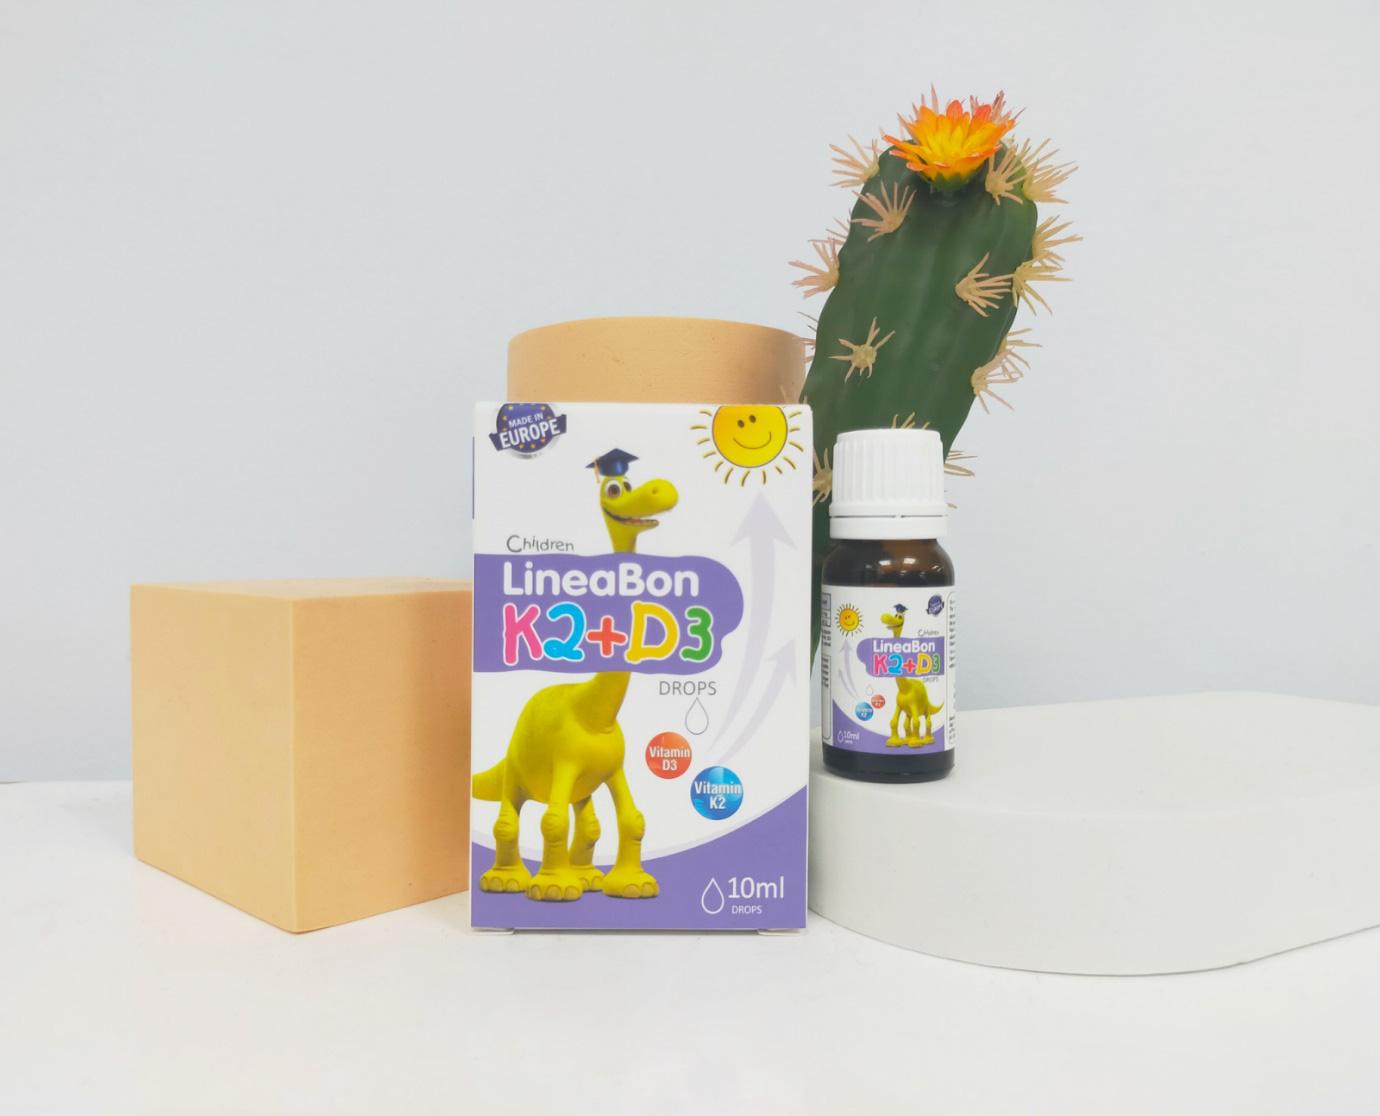 Lý do mẹ nên chọn ngay LineaBon giữa rất nhiều sản phẩm hỗ trợ bé trong quá trình phát triển chiều cao - Ảnh 3.